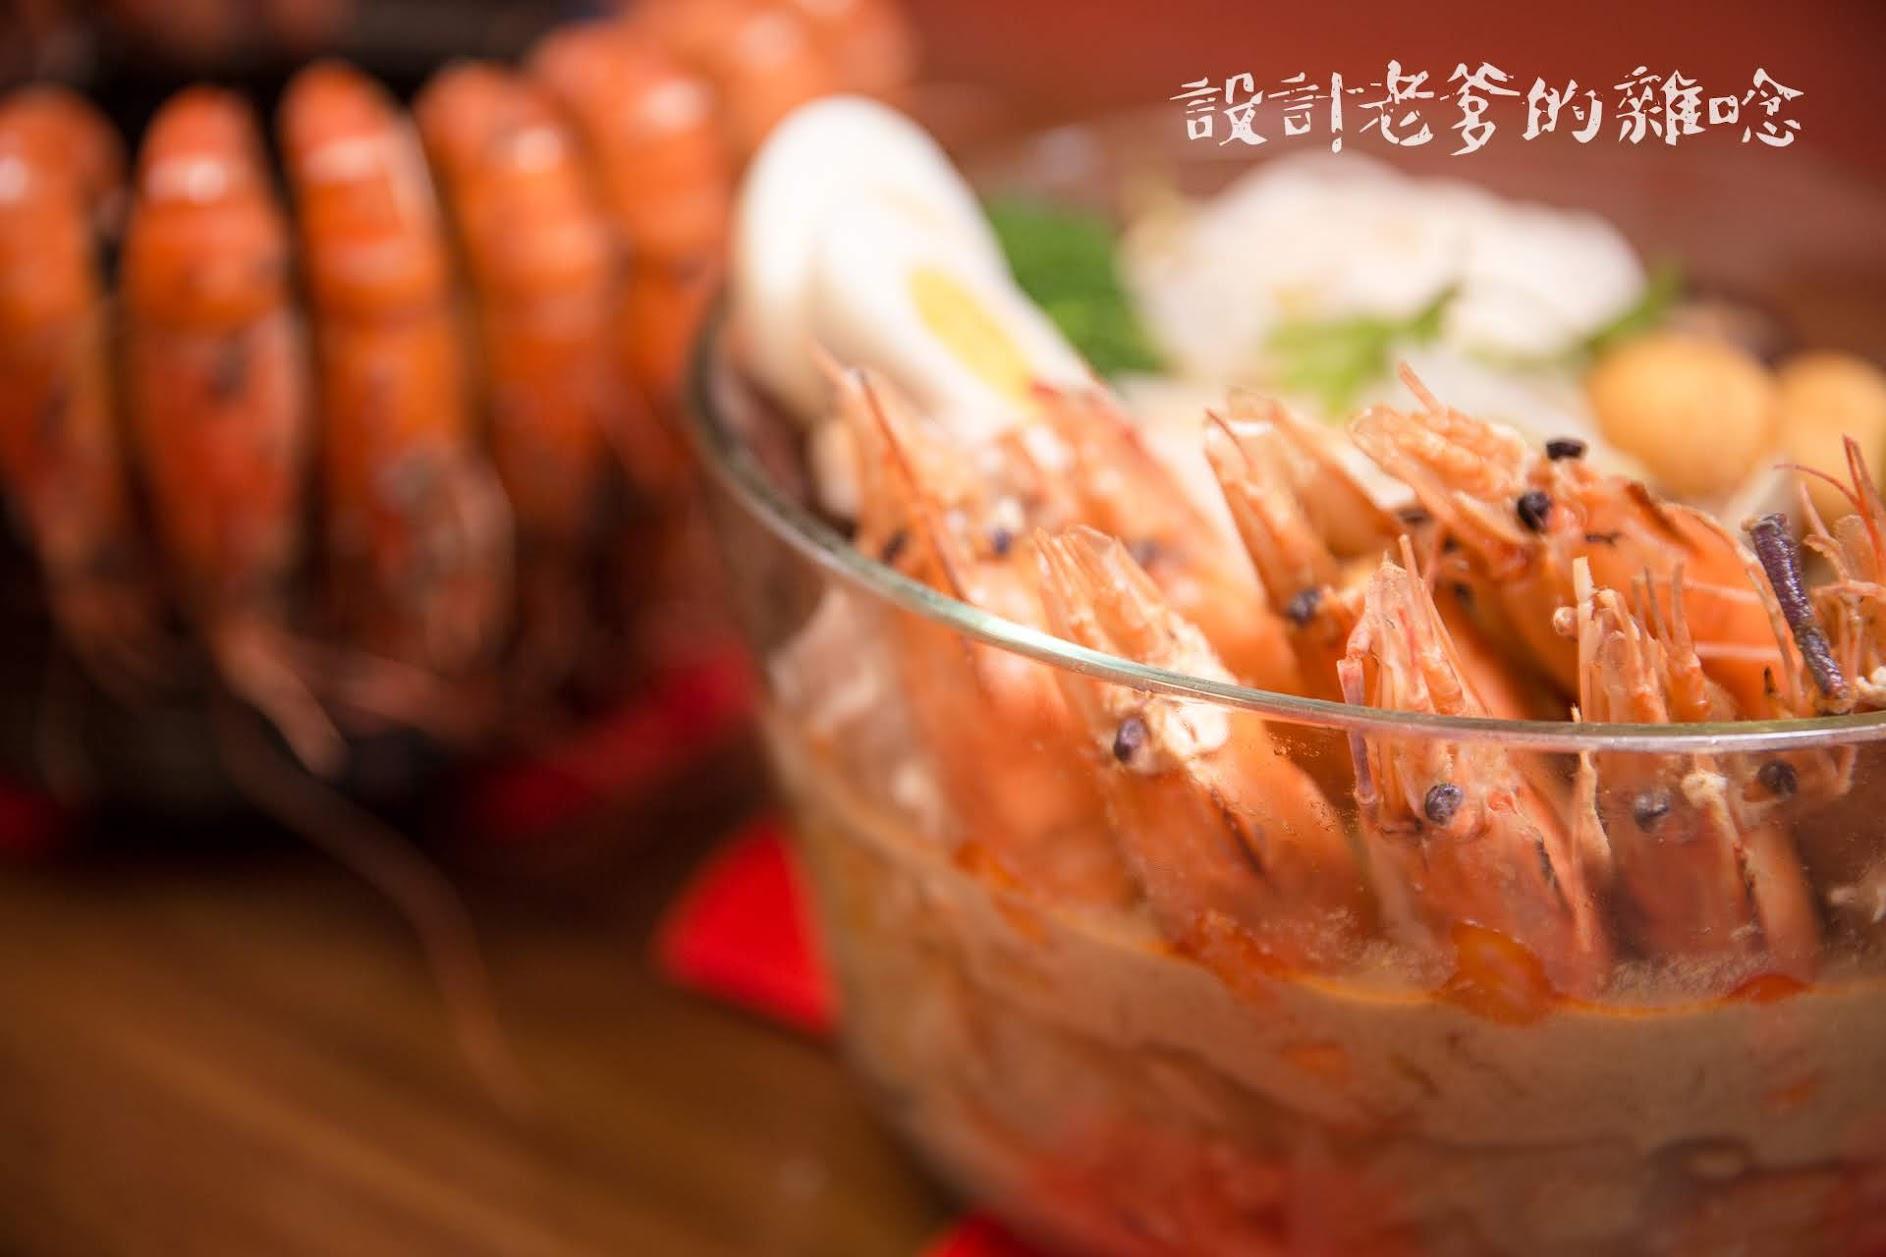 段泰國蝦 Duan Thai Shrimp...好蝦令人催淚!小娃各個感動到哭的美味!應該是感動吧?